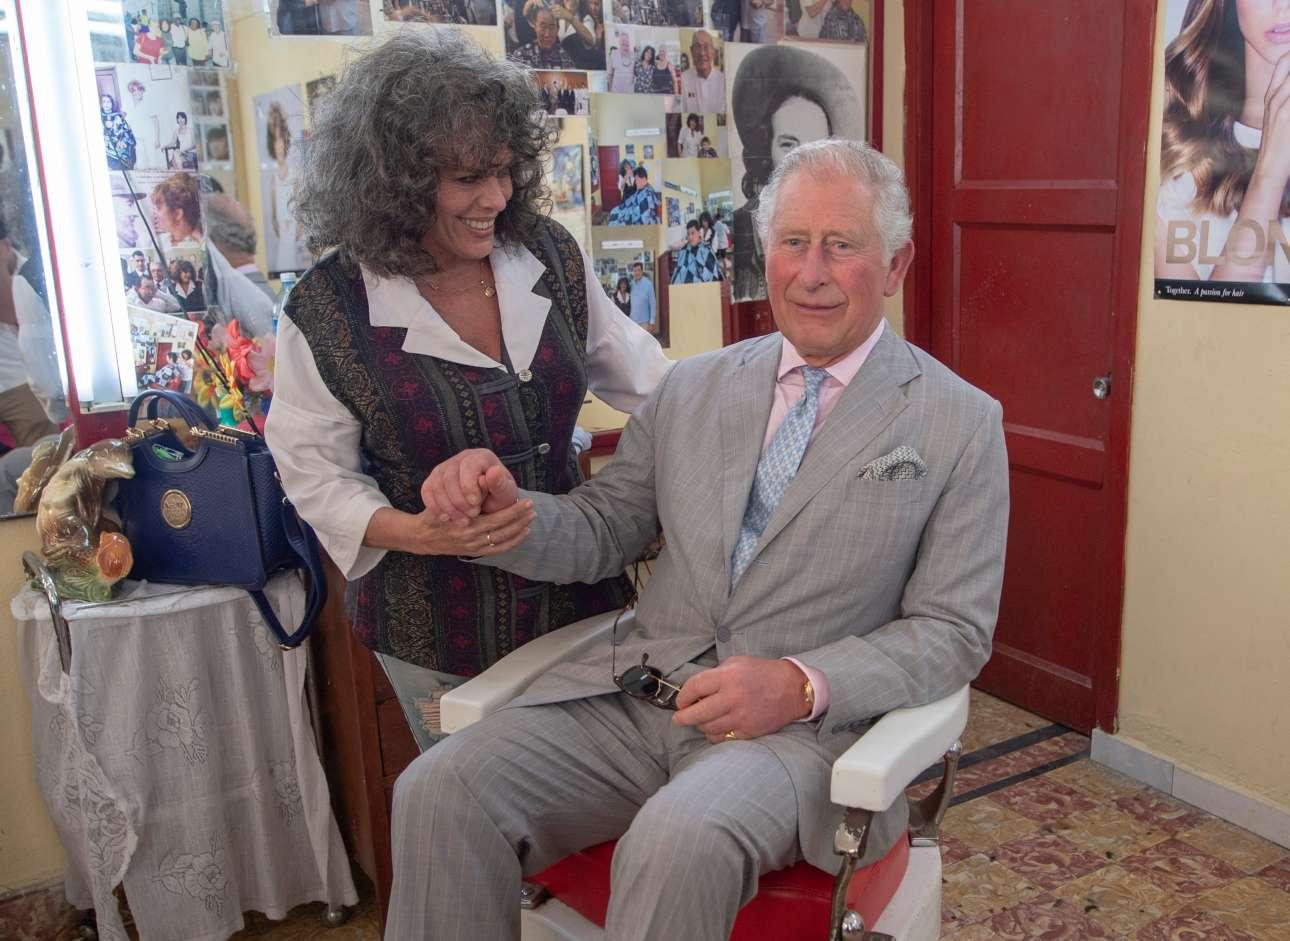 Στο μπαρμπέρικο ο Κάρολος δεν ζήτησε και πολλά πράγματα από την κομμώτρια - εκείνη όμως του ζήτησε μια πόζα